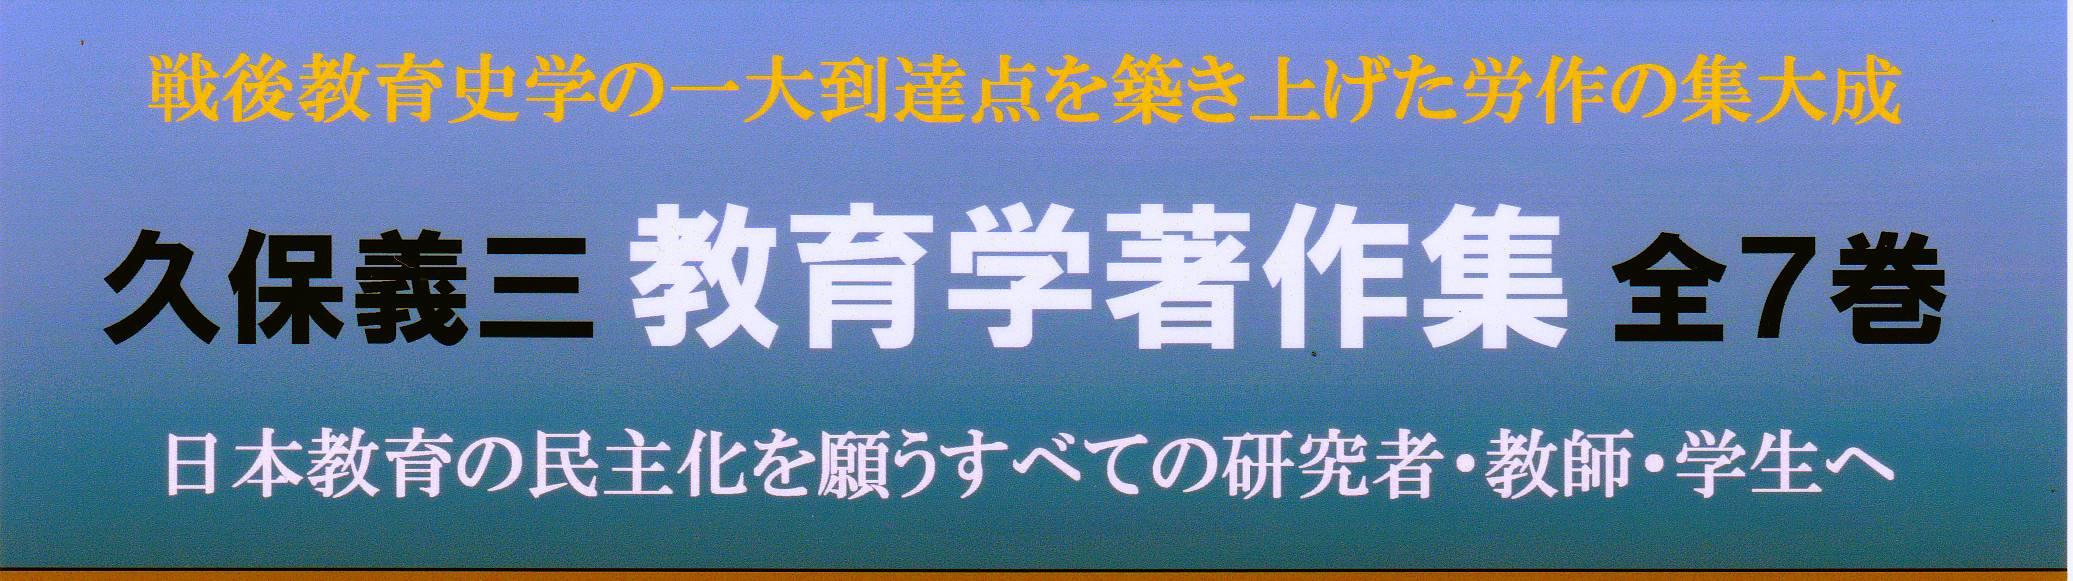 久保教育学HP